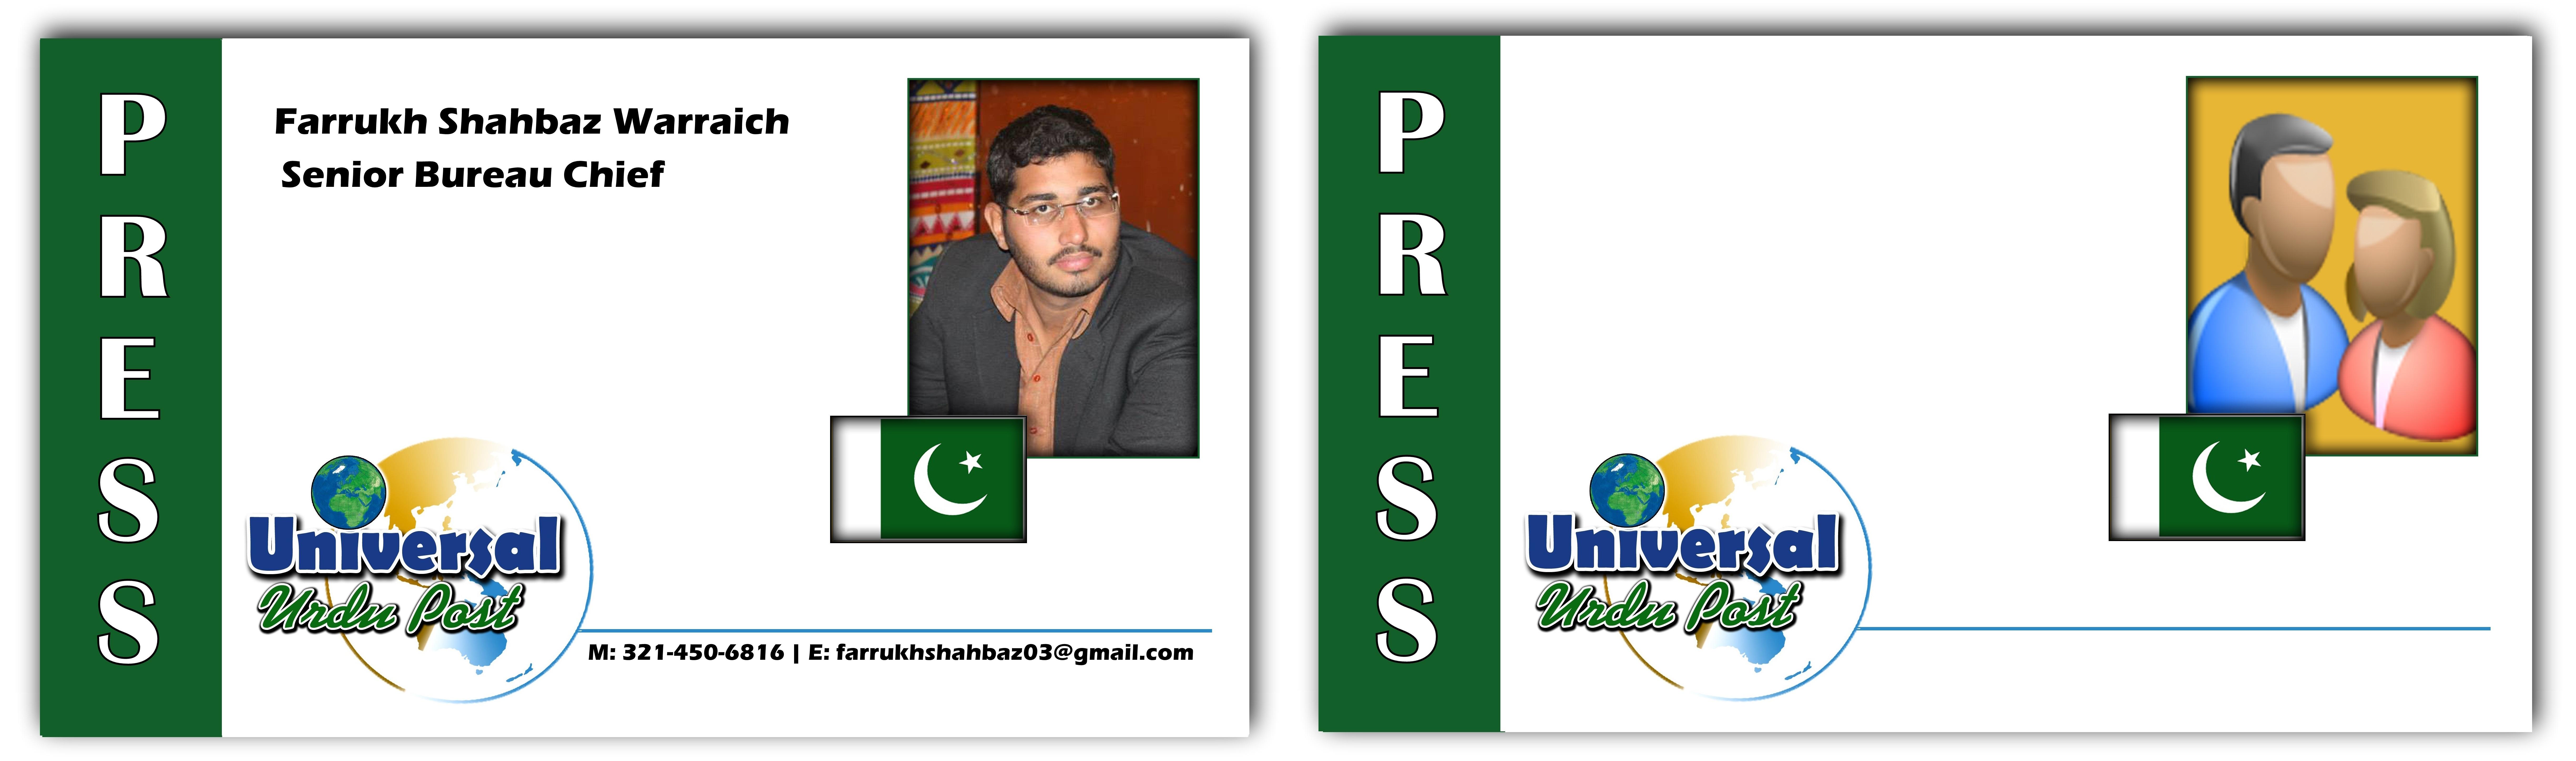 Farukh Sh.War Pak team